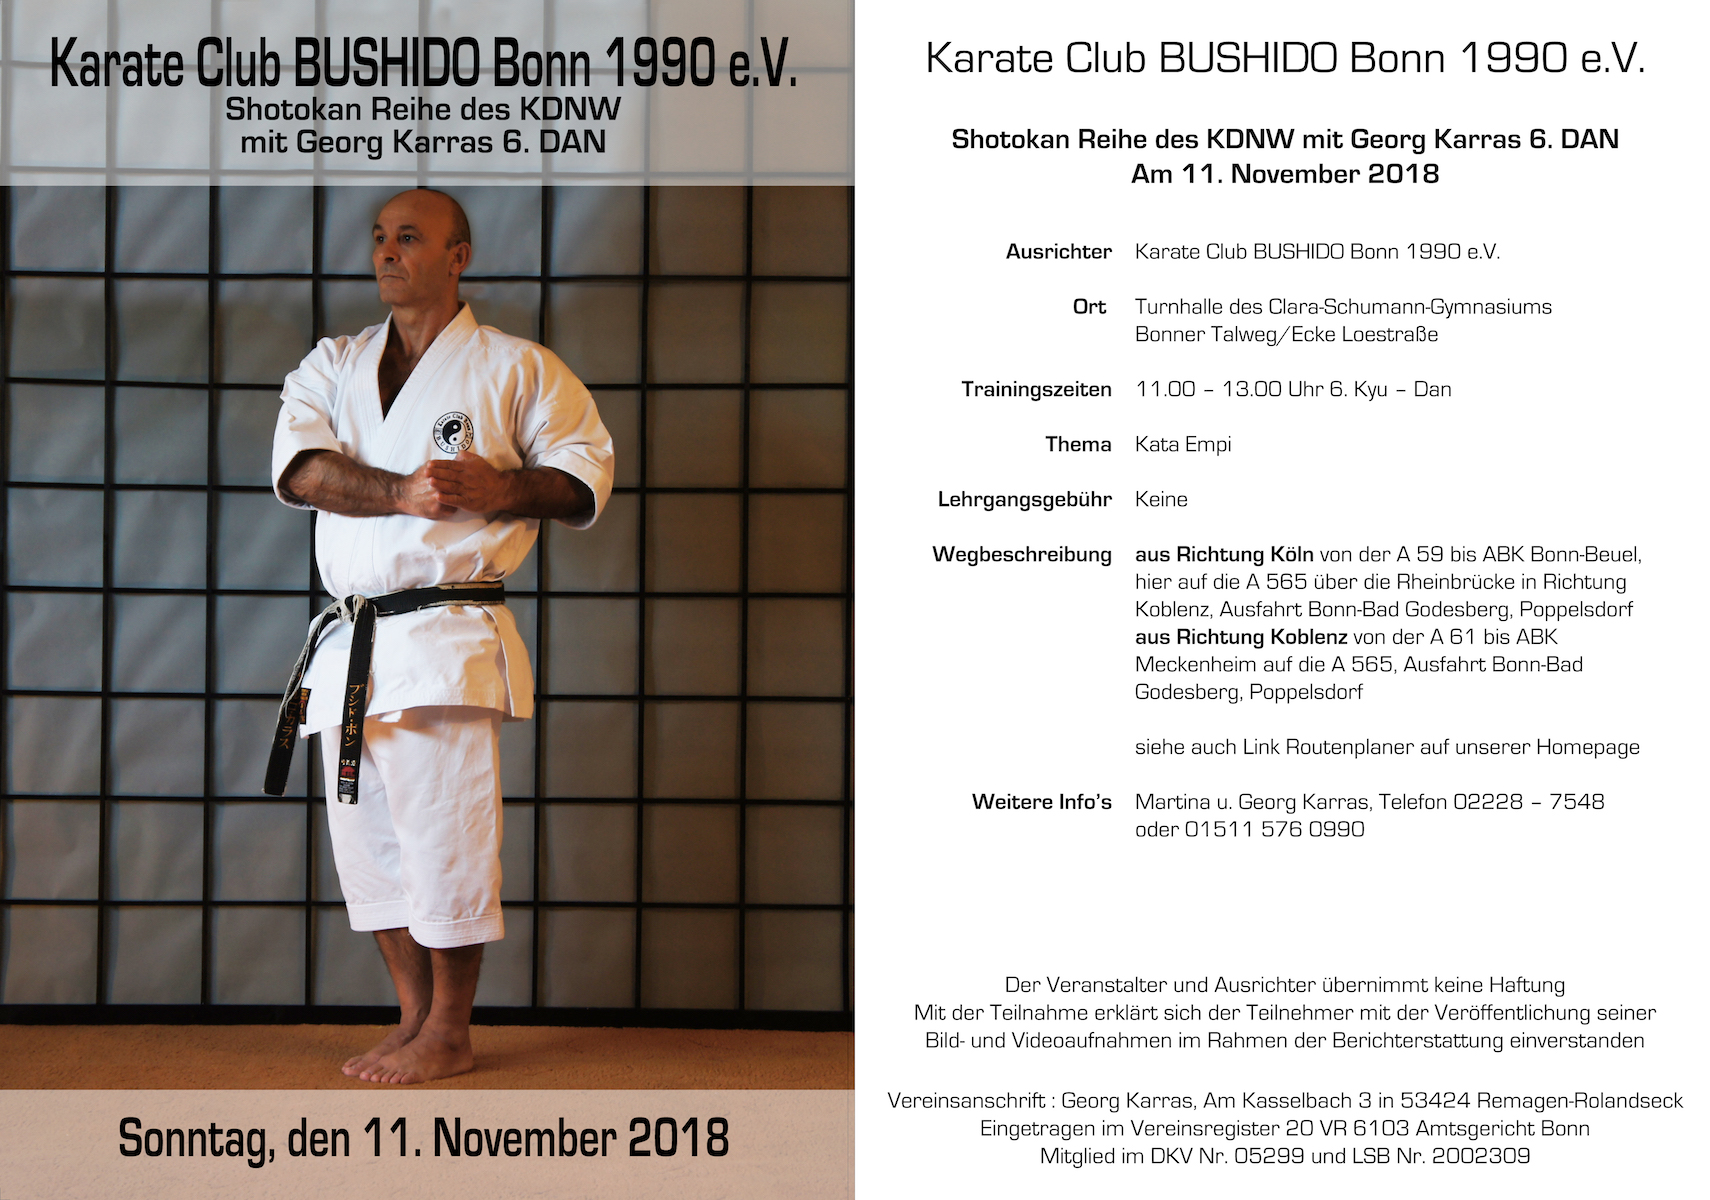 Shotokan Reihe des KDNW mit Georg Karras